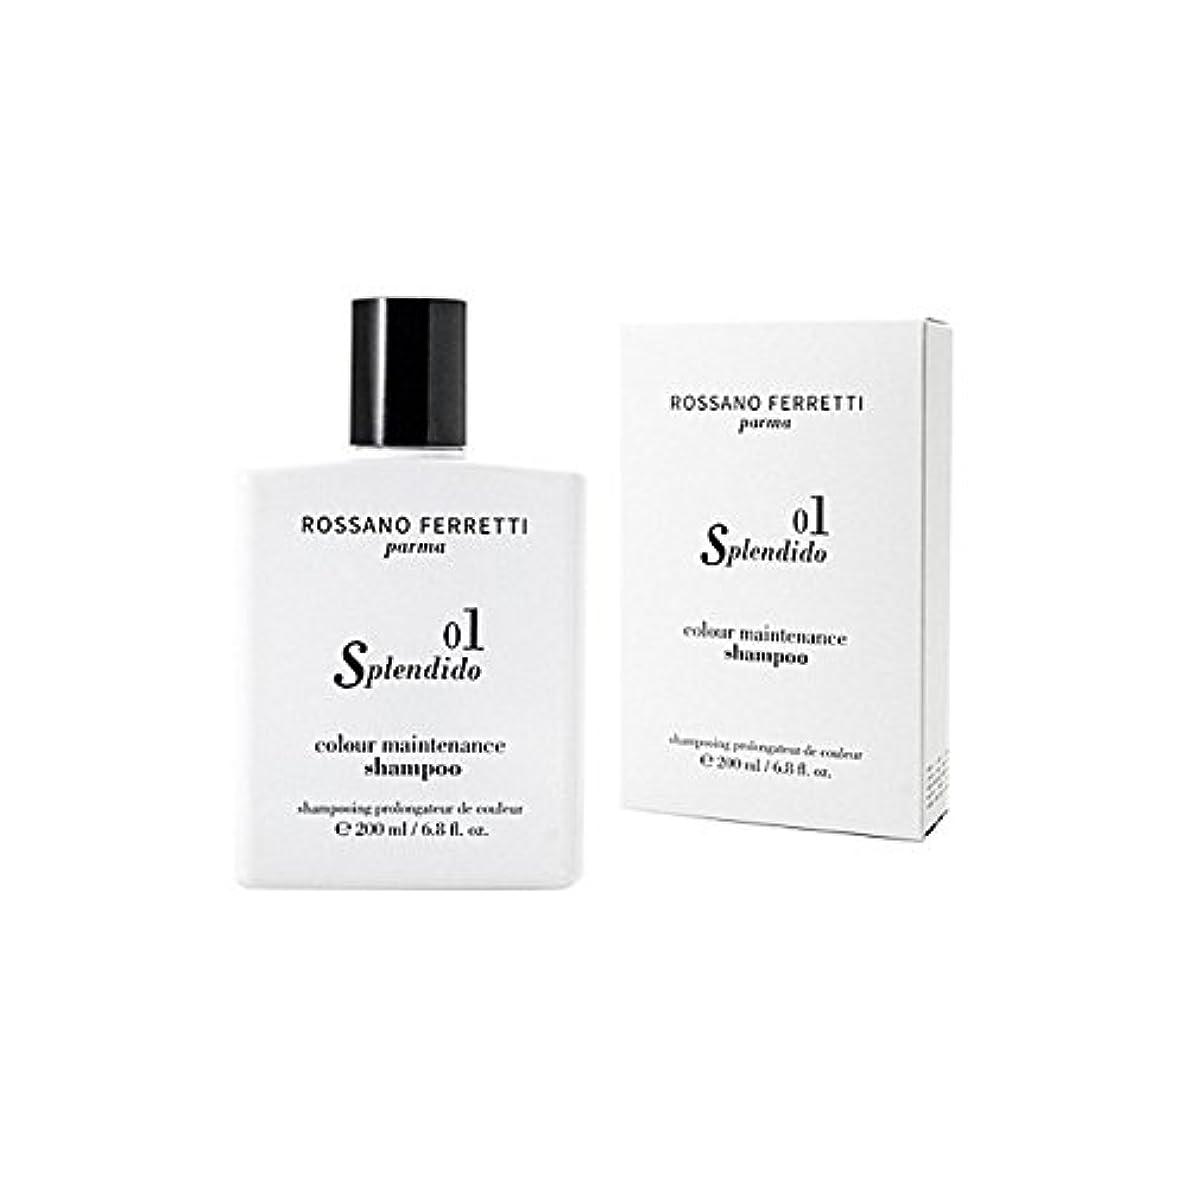 ロッサノフェレッティパルマスプレンディードカラーメンテナンスシャンプー200ミリリットル x2 - Rossano Ferretti Parma Splendido Colour Maintenance Shampoo 200ml (Pack of 2) [並行輸入品]